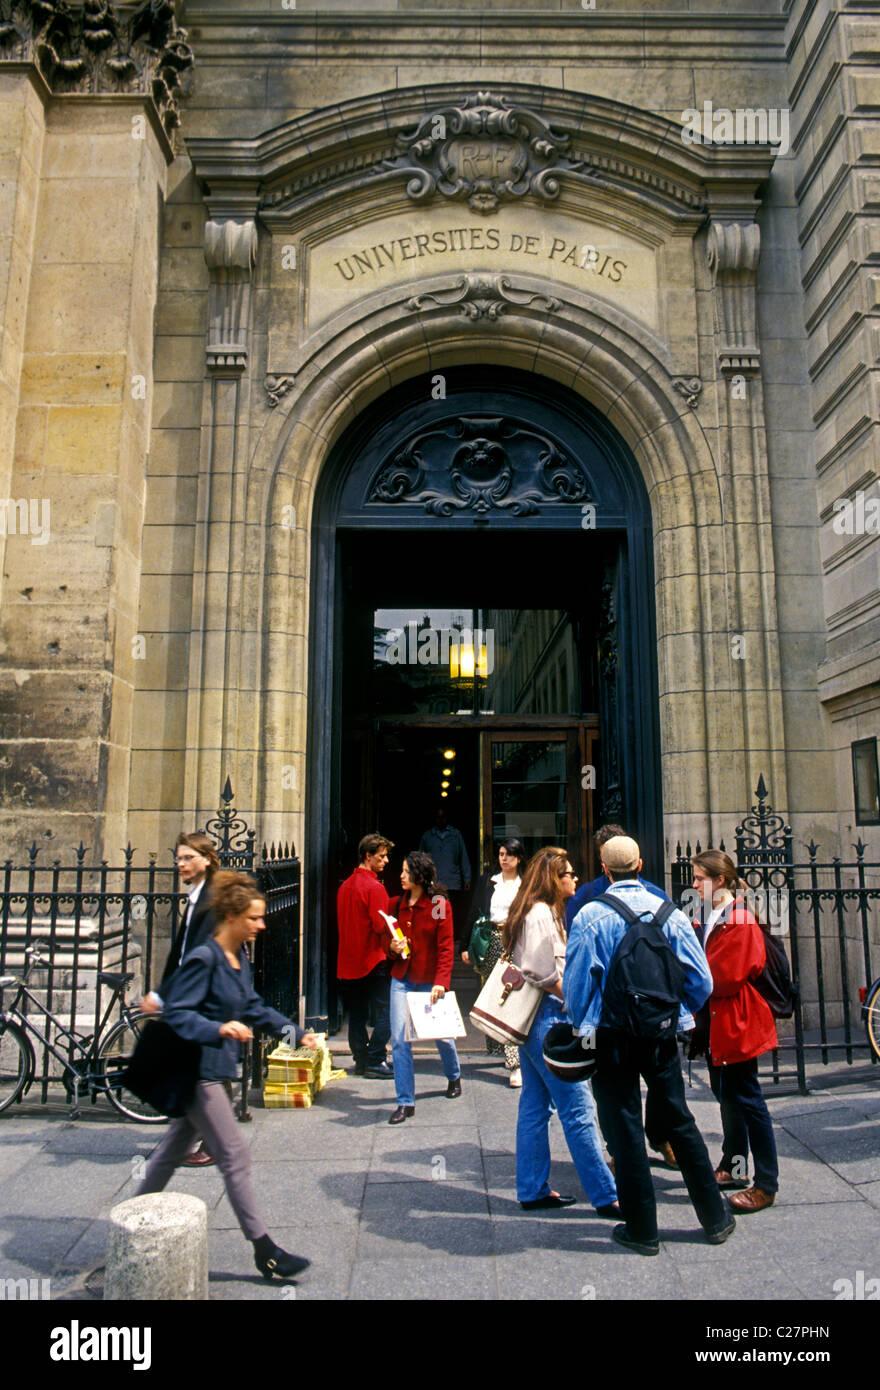 French college students, French, college students, students, Sorbonne, University of Paris, Universite de Paris, - Stock Image